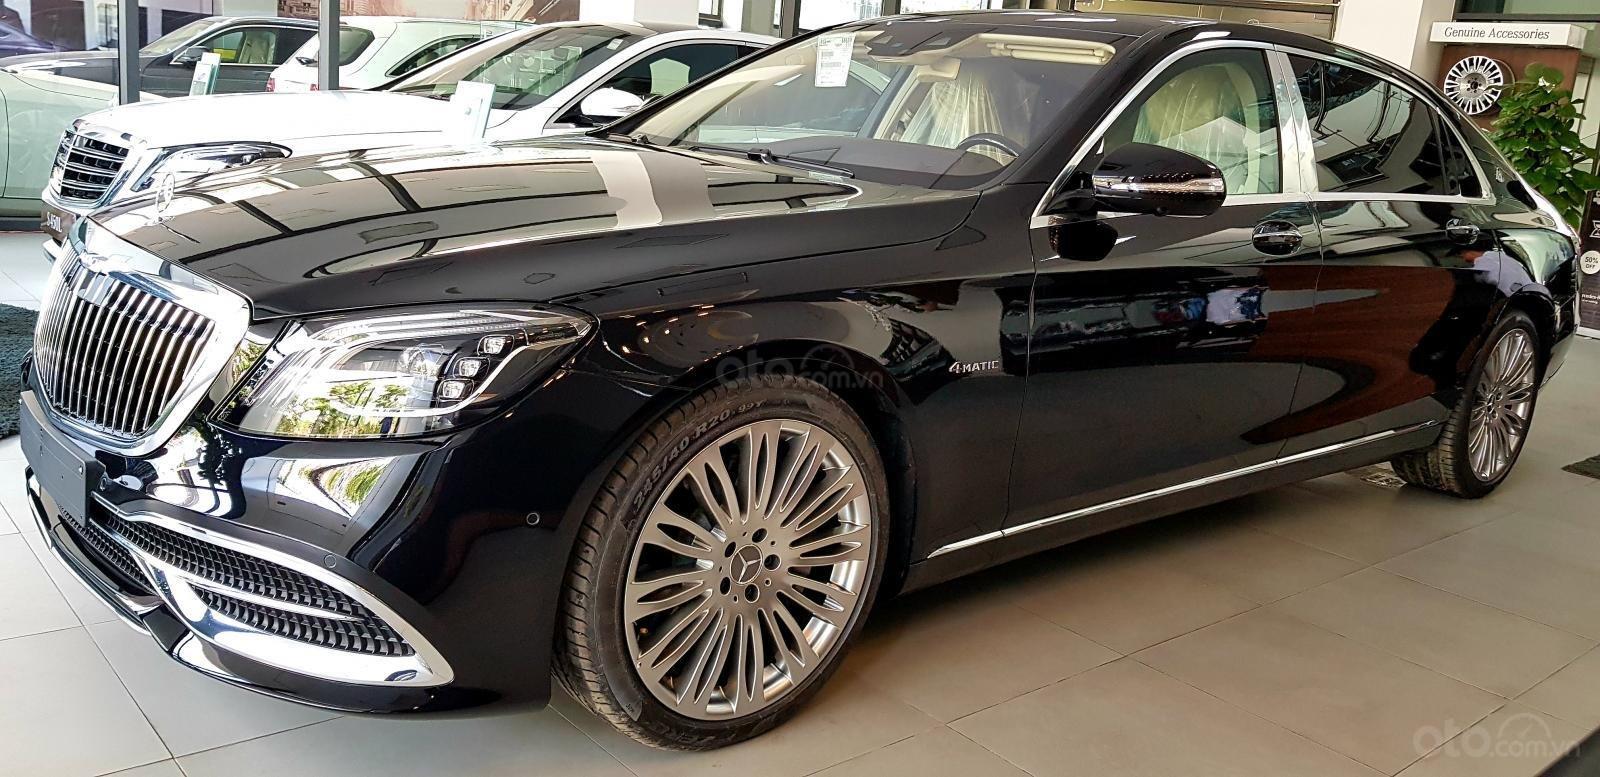 Mercedes-Benz Maybach S450 đời 2019 nhập khẩu, xe giao ngay khuyến mãi lớn, liên hệ 0913332288 (1)